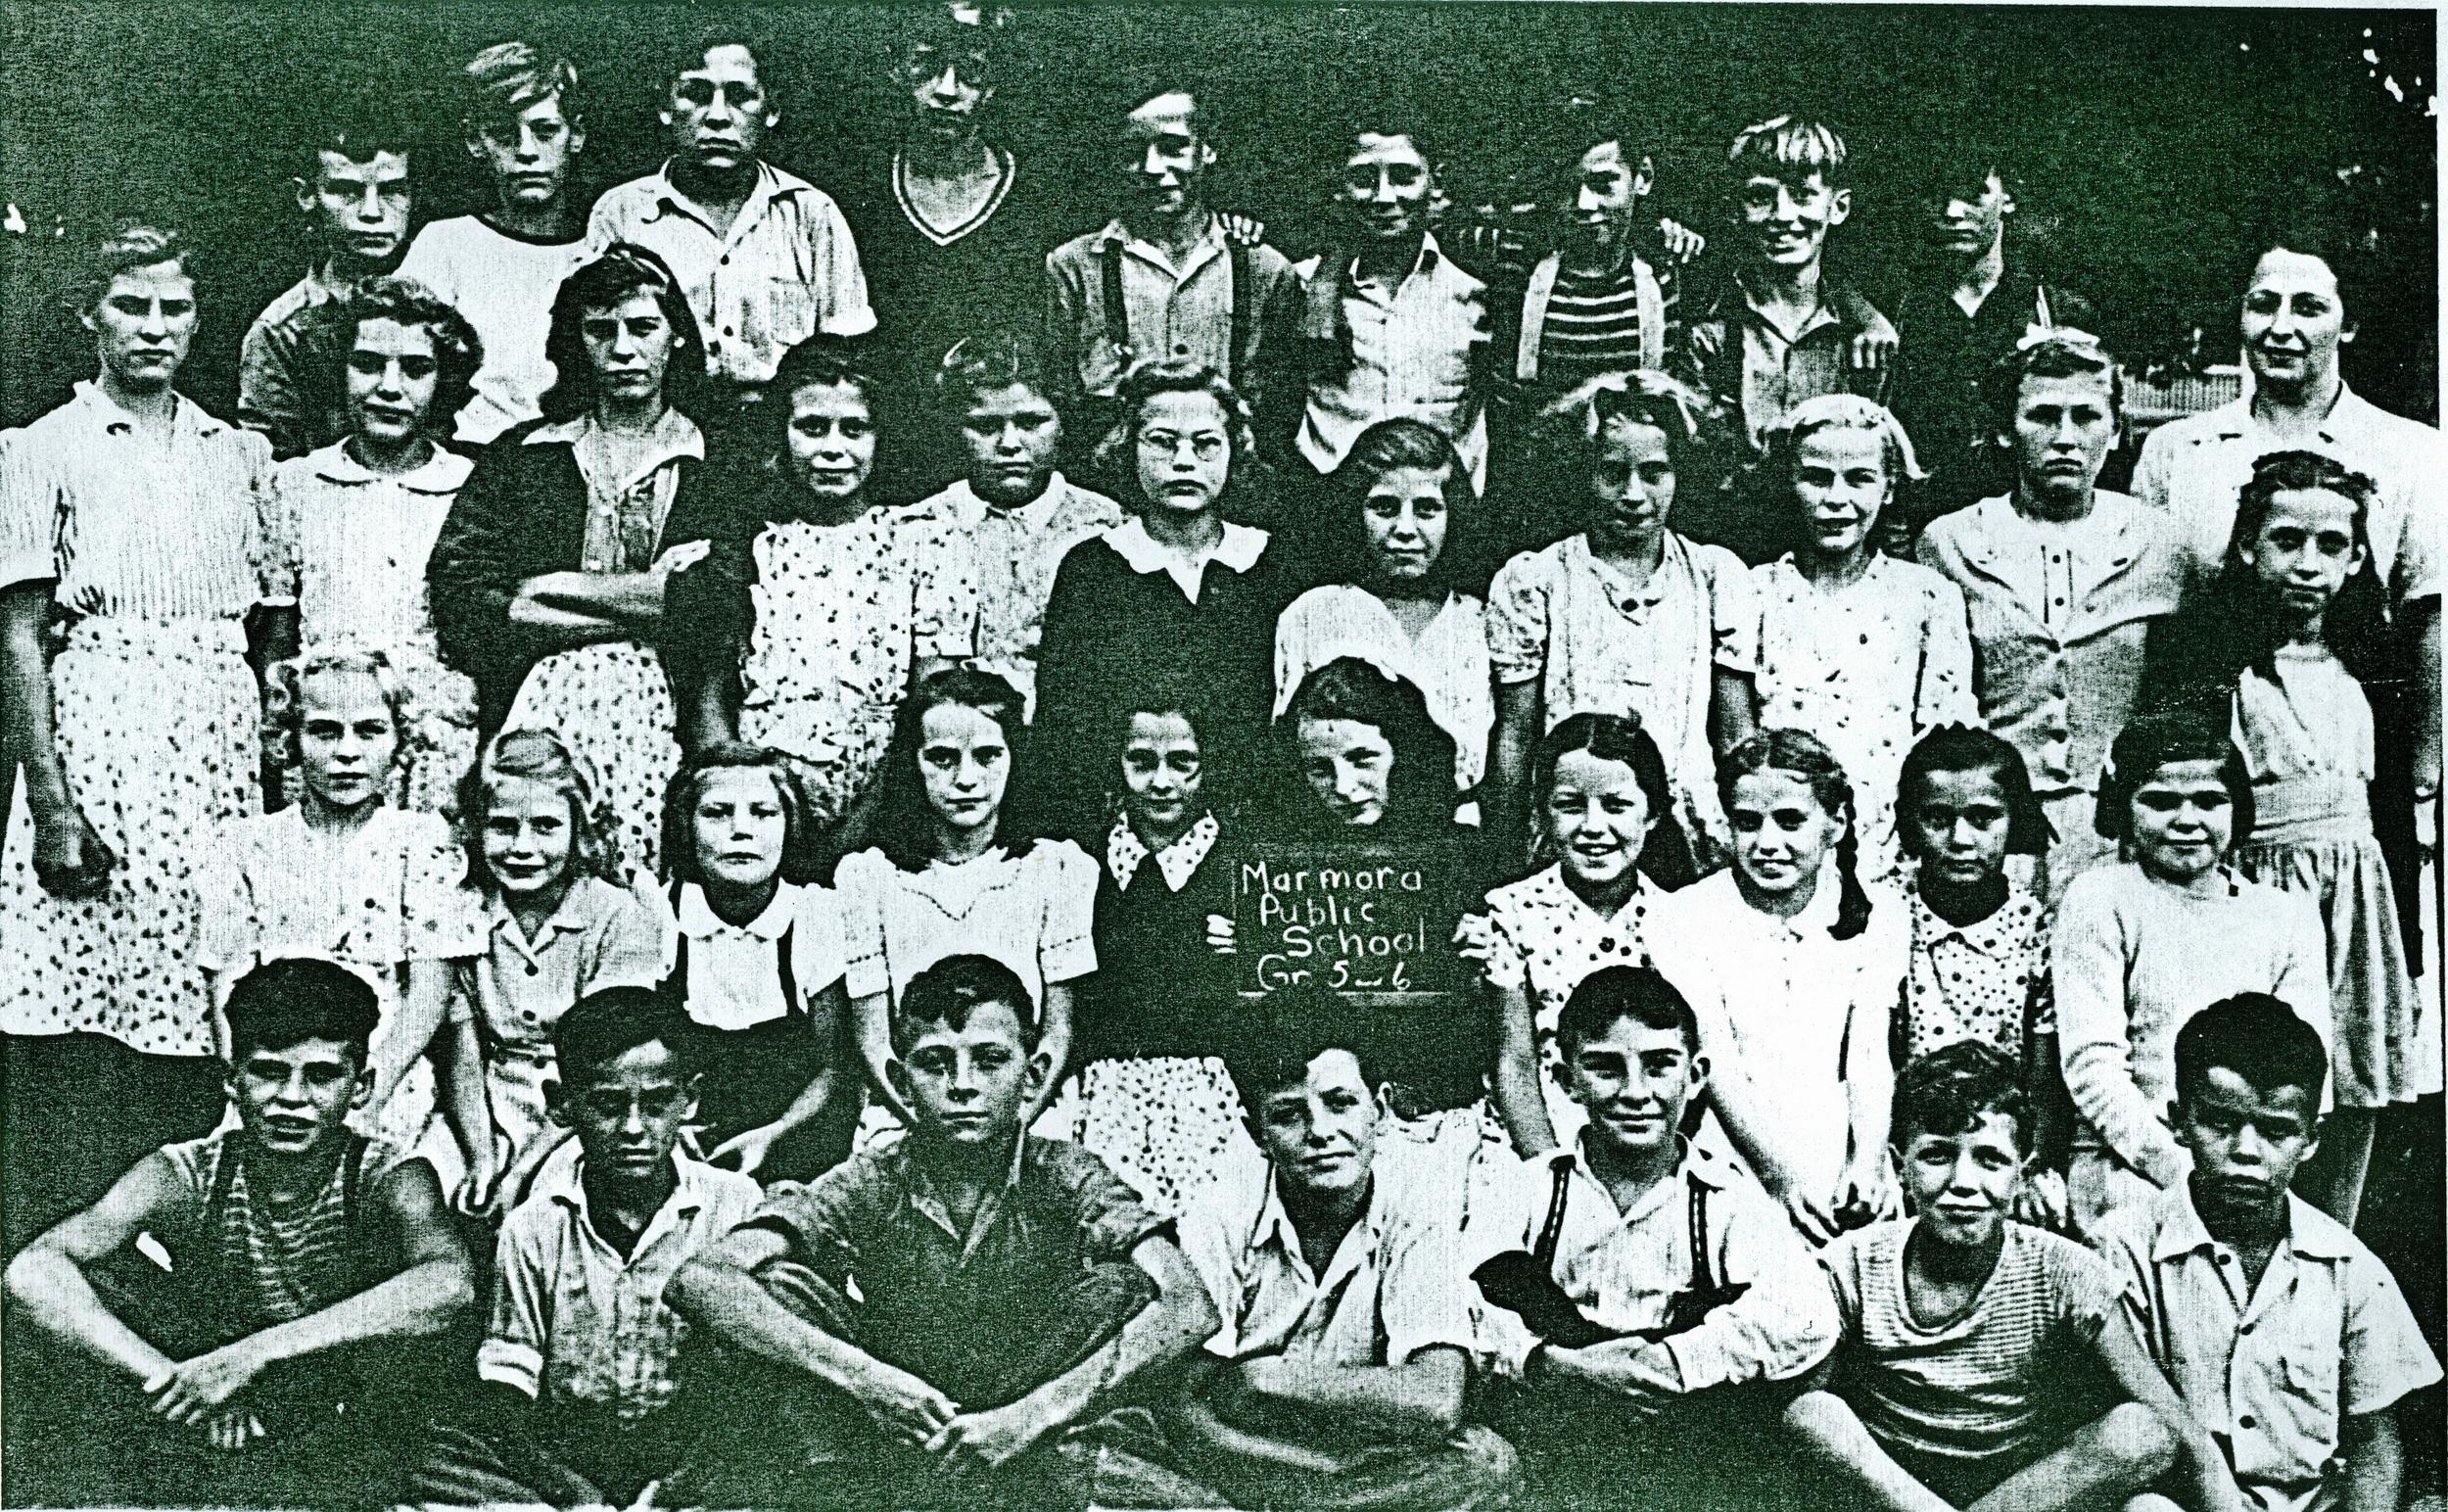 Marmora Public School Grade 5 & 6